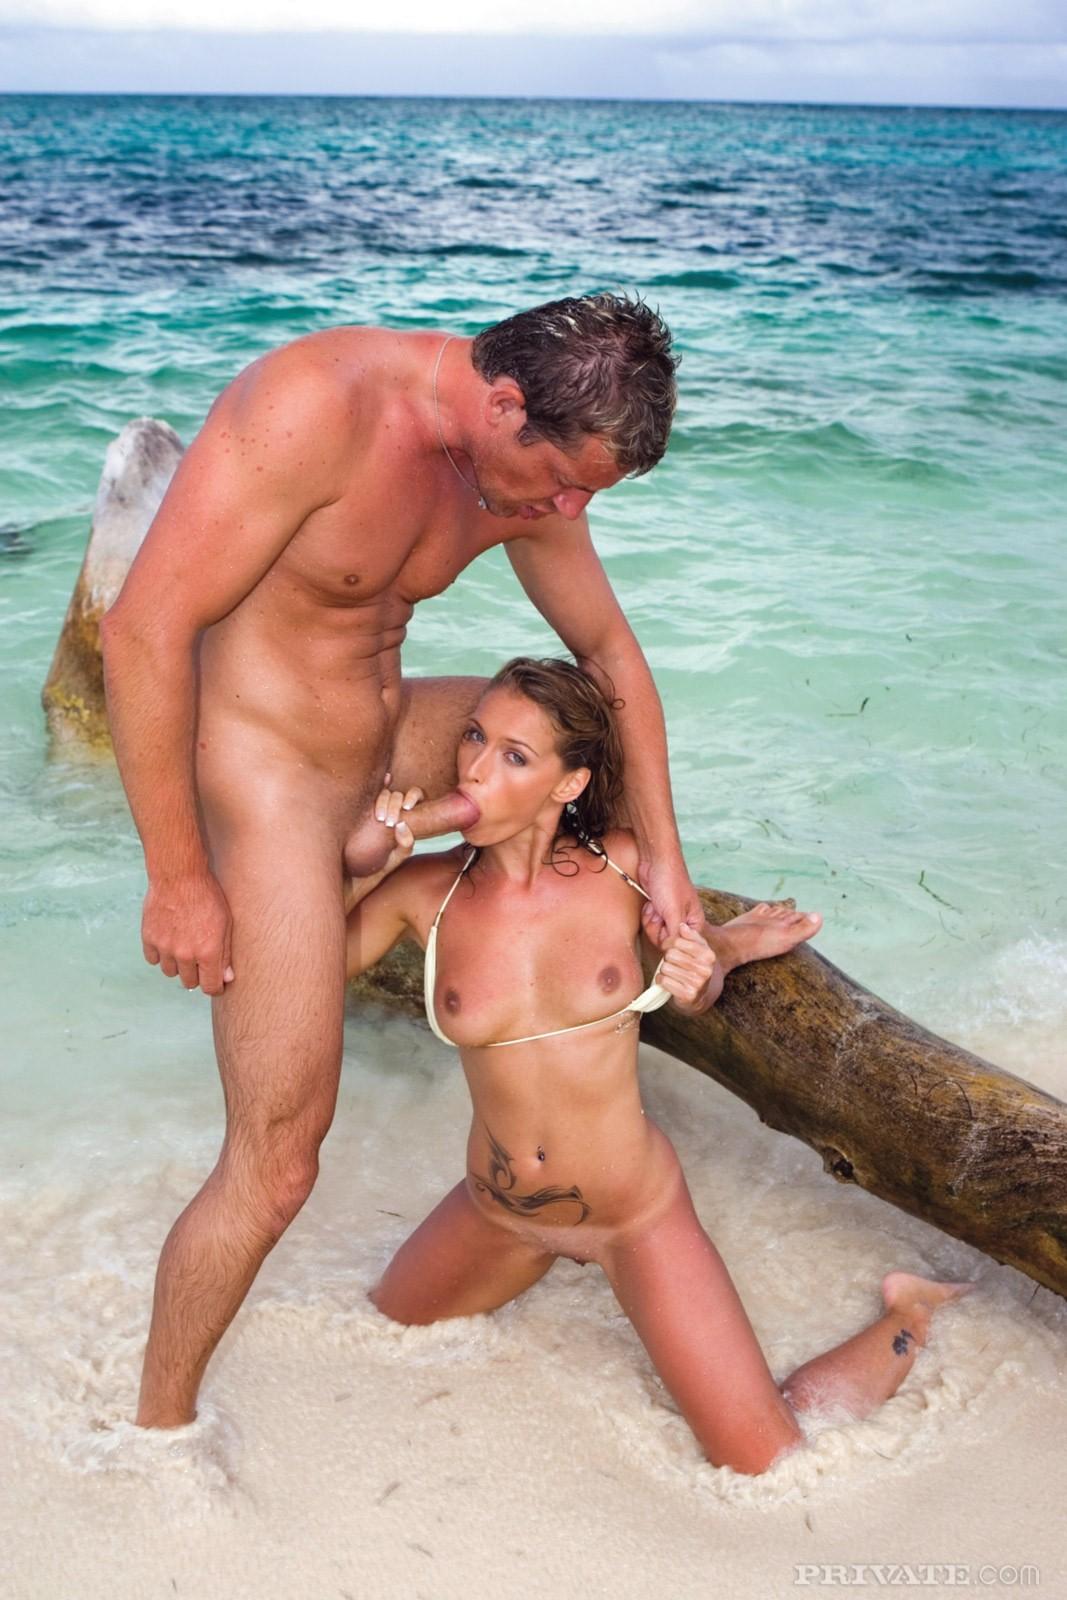 bikini girl in pic – Amateur